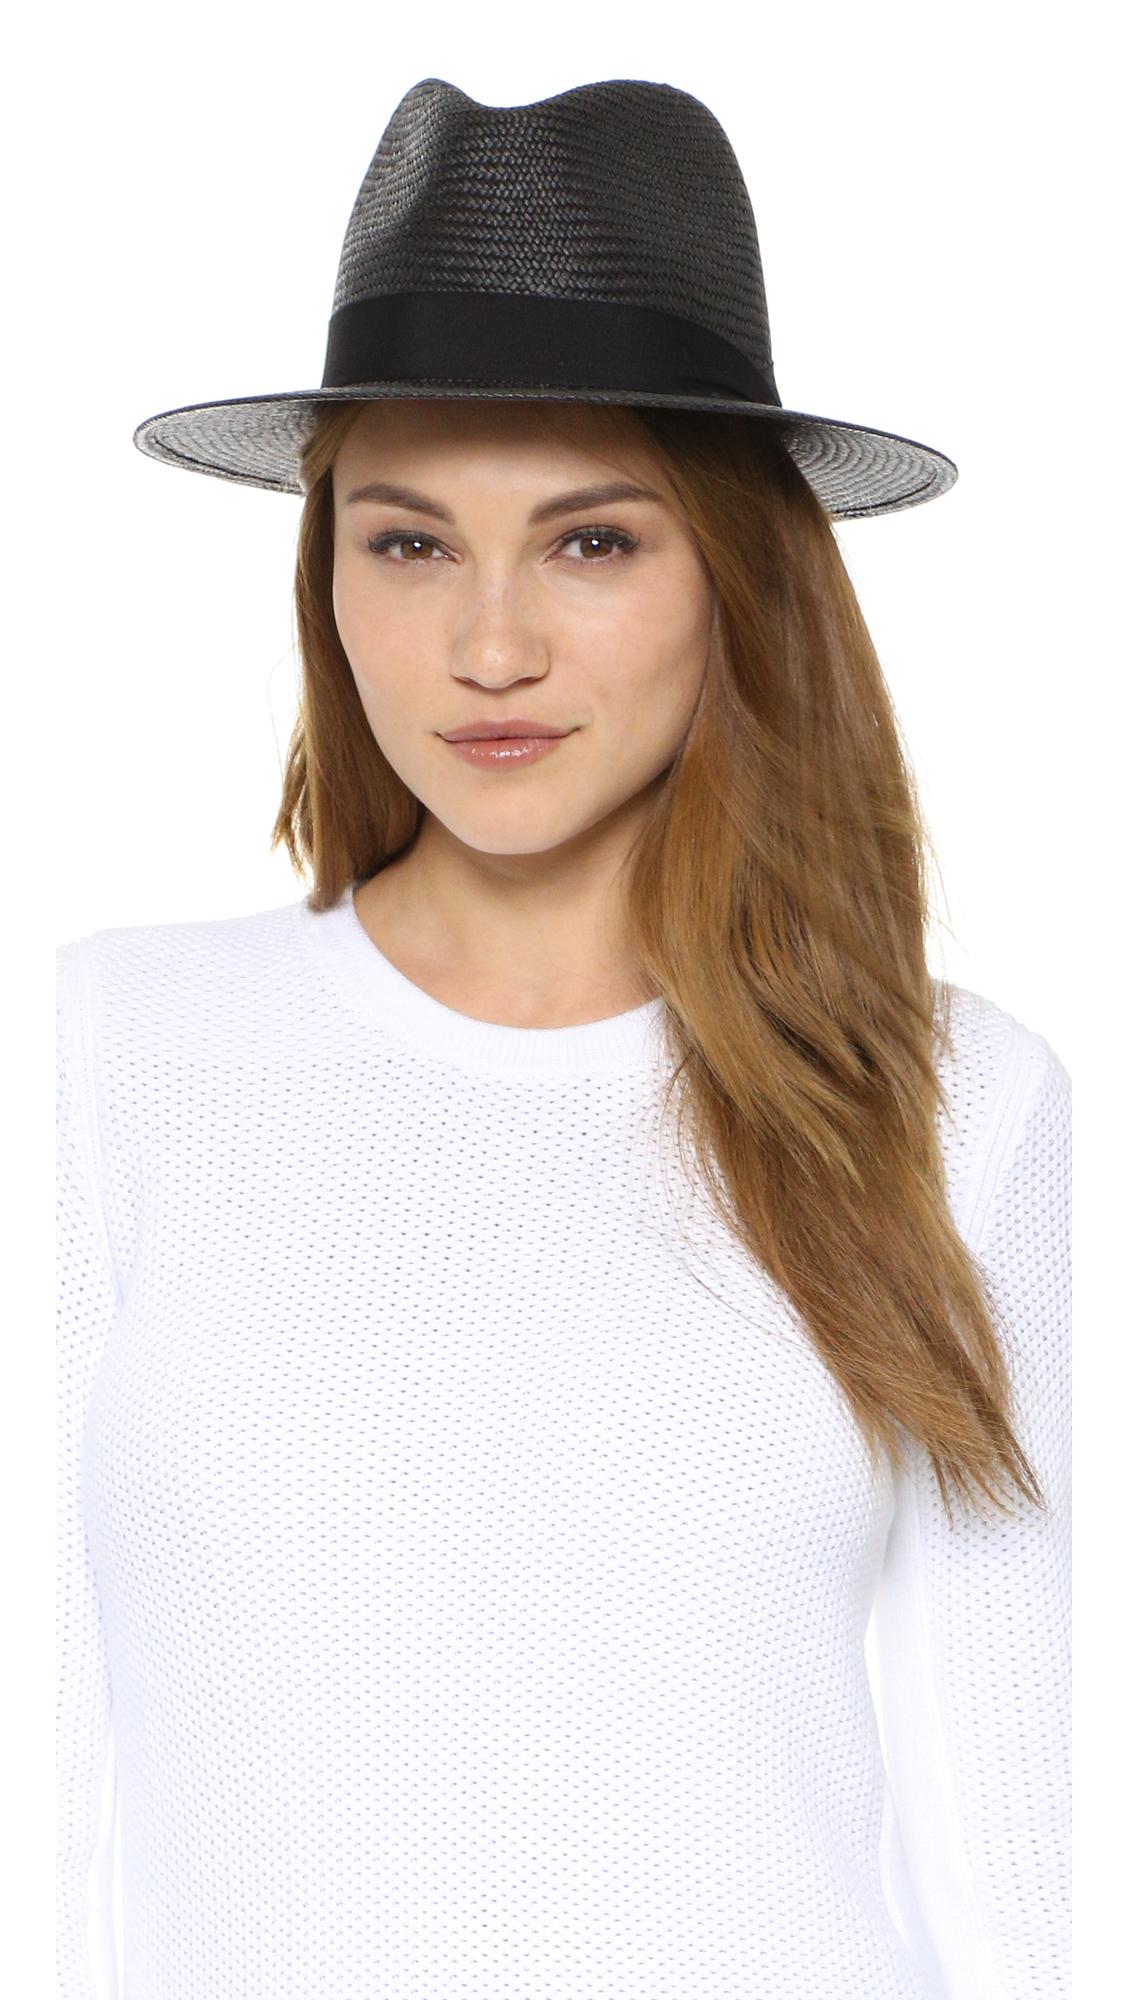 90c836fb2 Rag & Bone Black Panama Hat